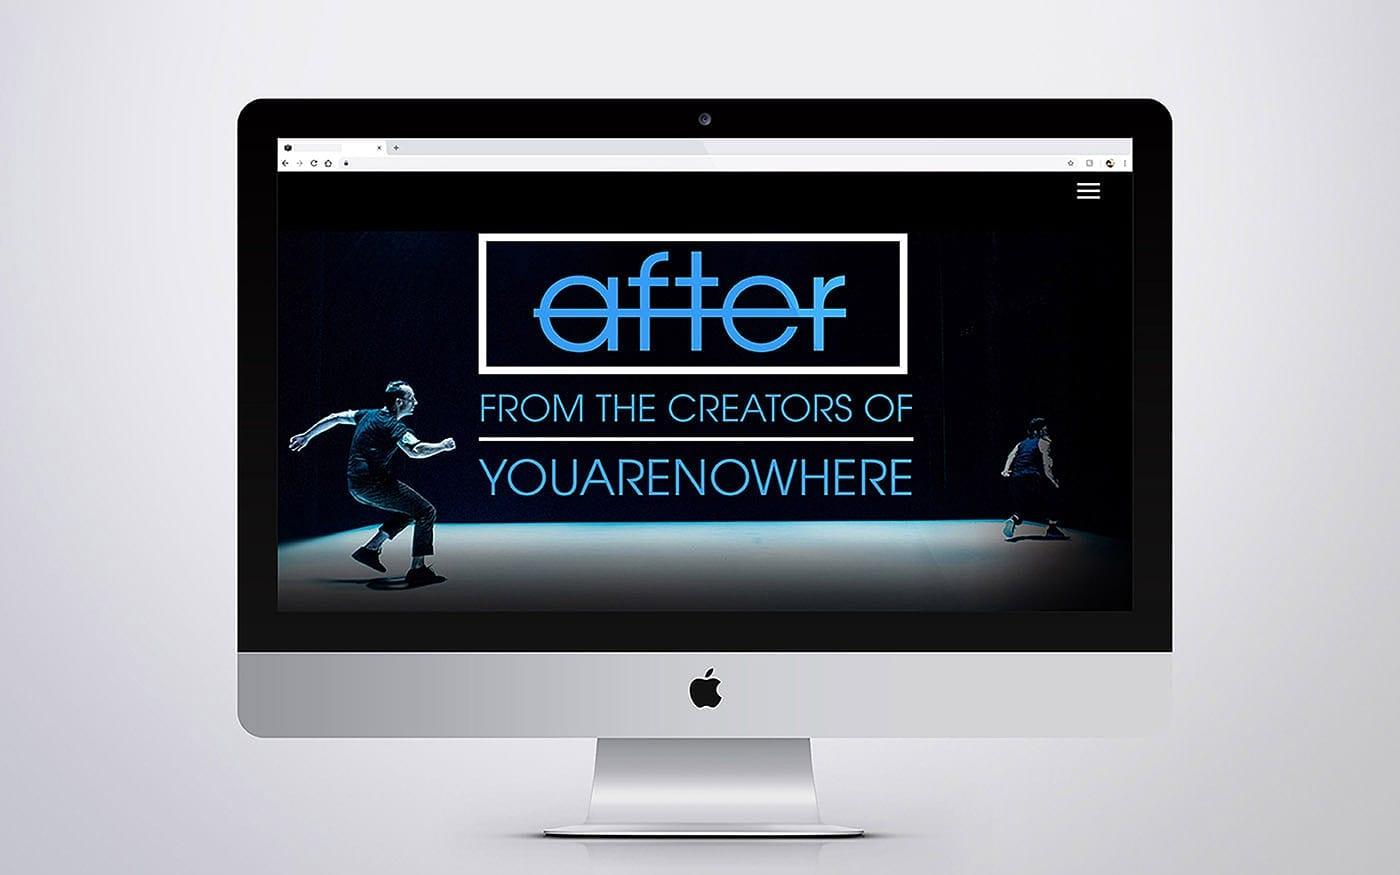 After Website